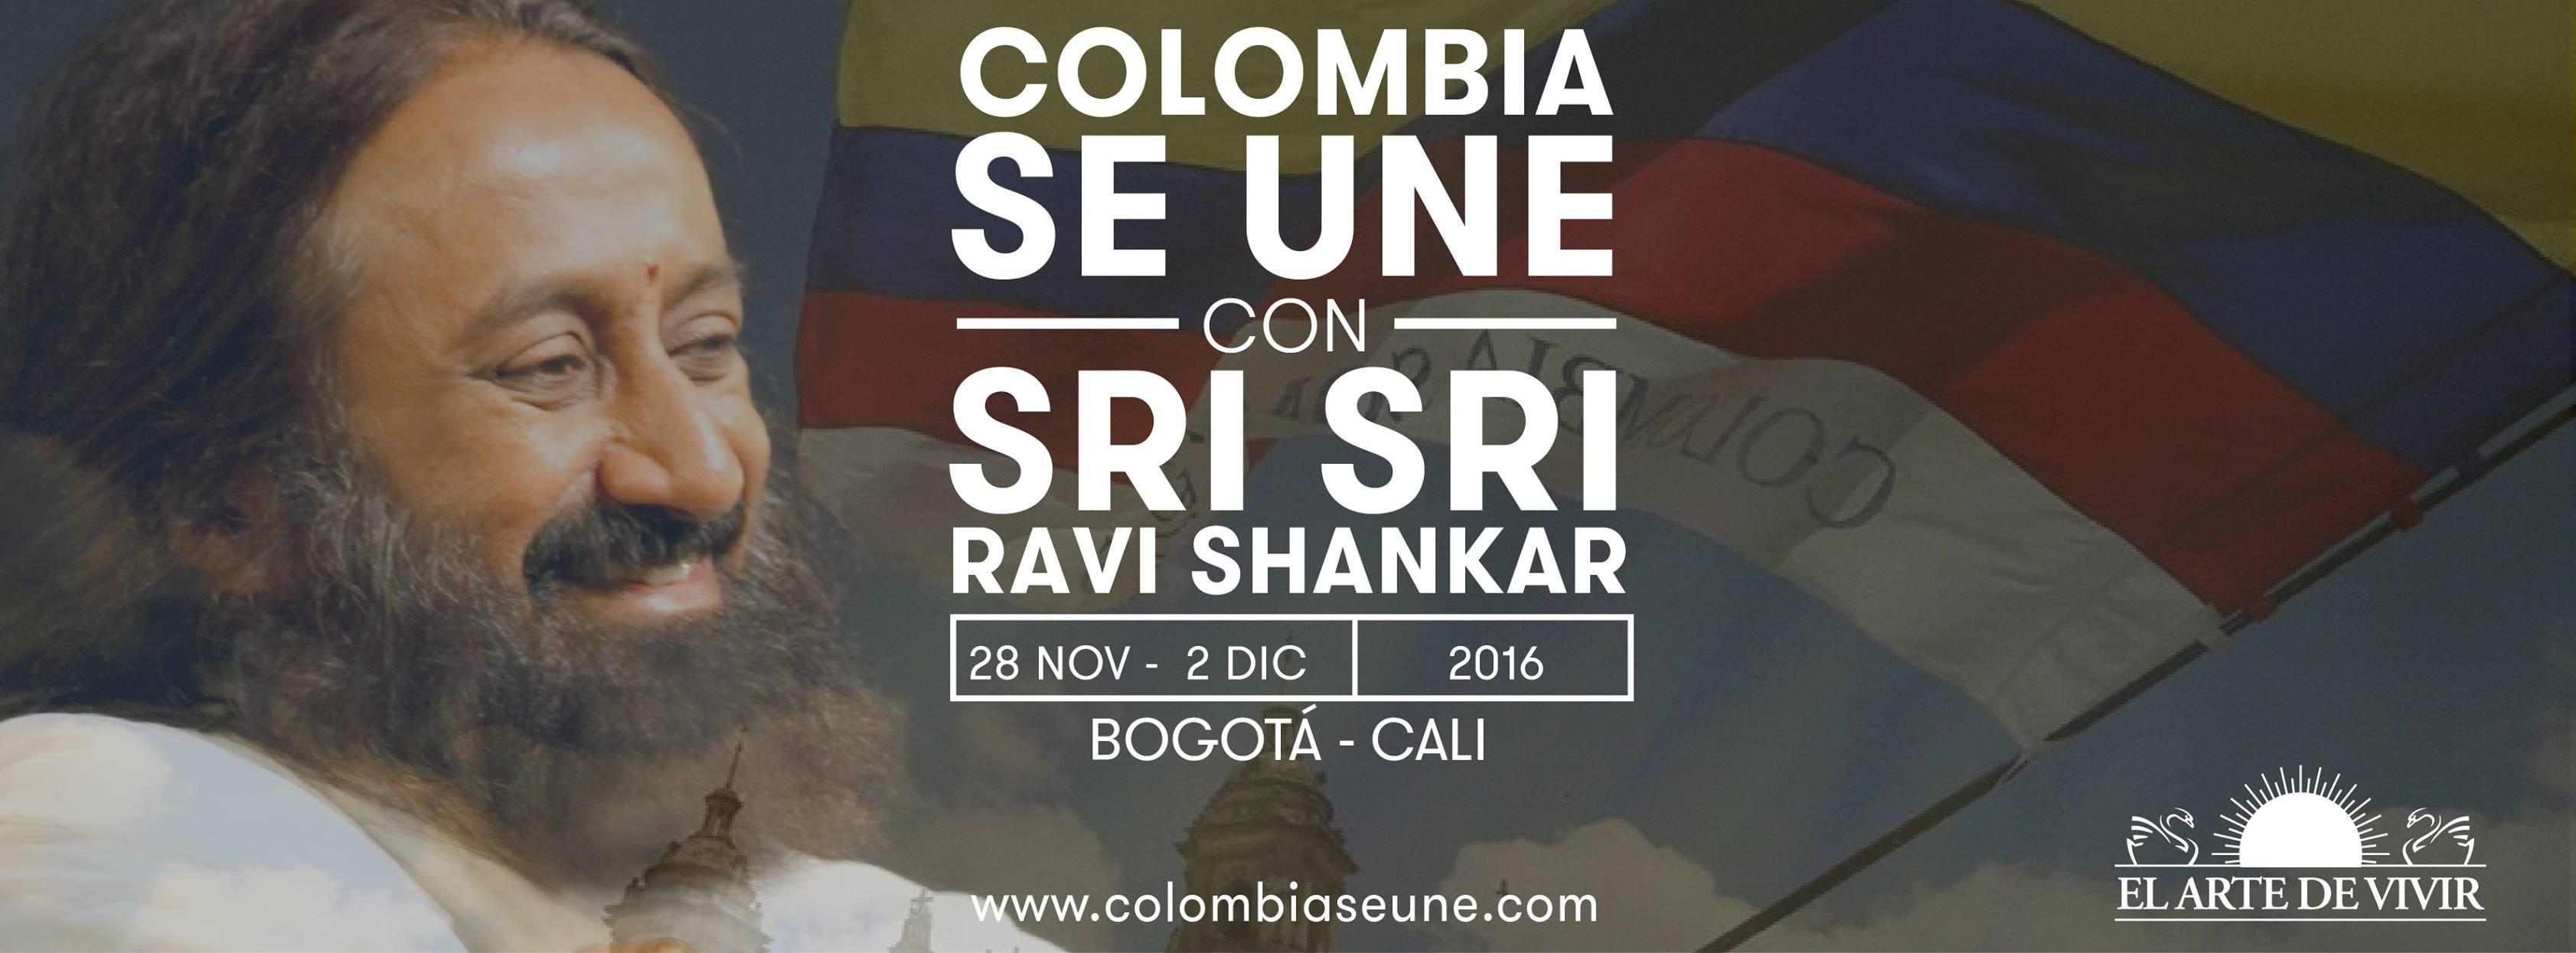 Colombia_se_une